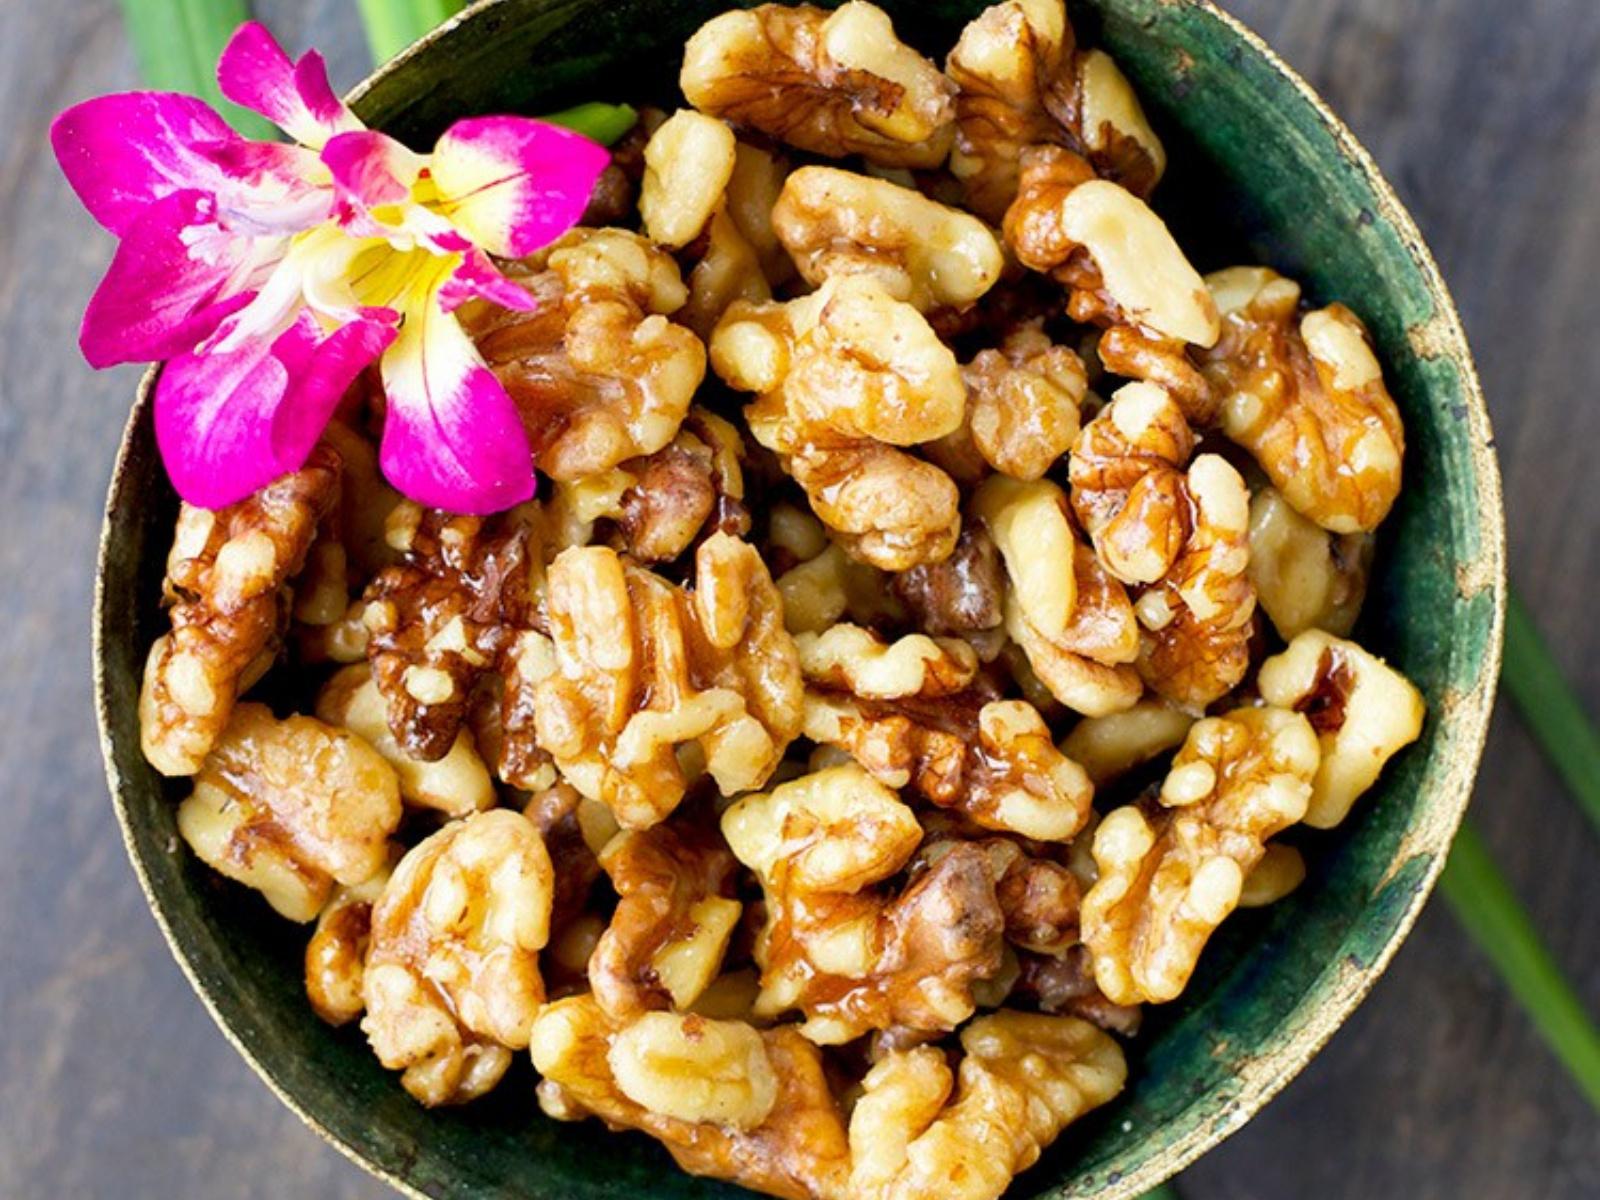 Maple Caramelized Walnuts